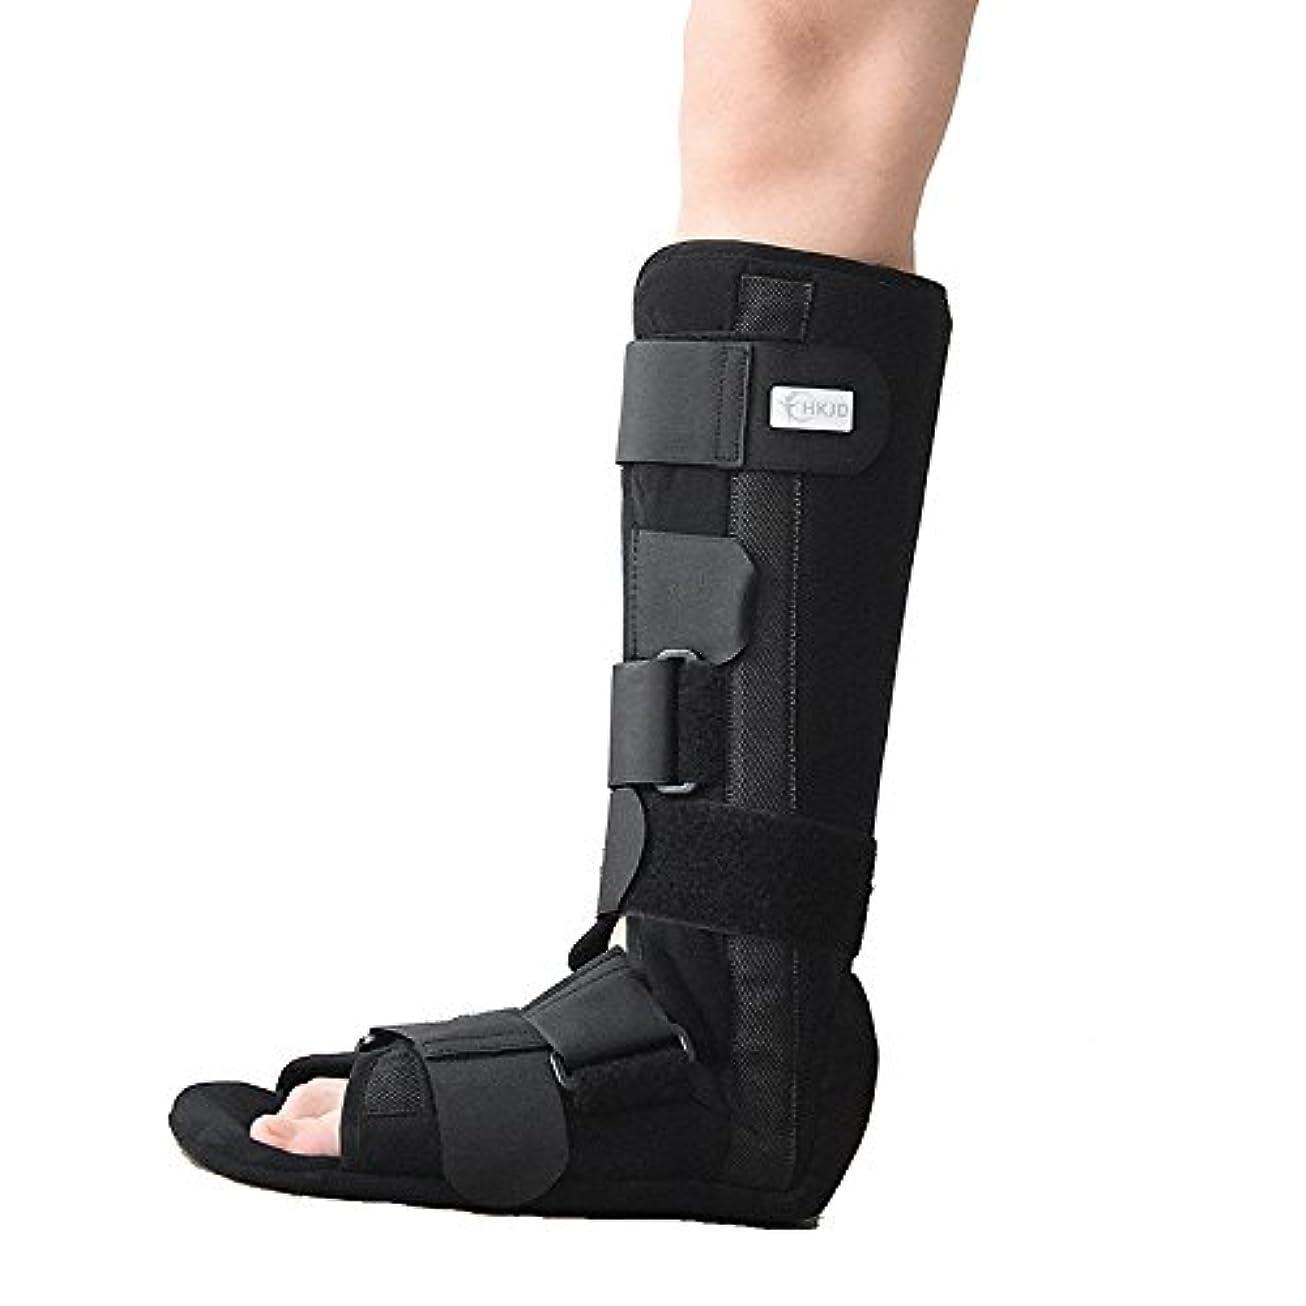 ハックカンガルー静脈足首骨折リハビリ固定足首膝ライナー歩行者ウォーカーブーツ足首足矯正